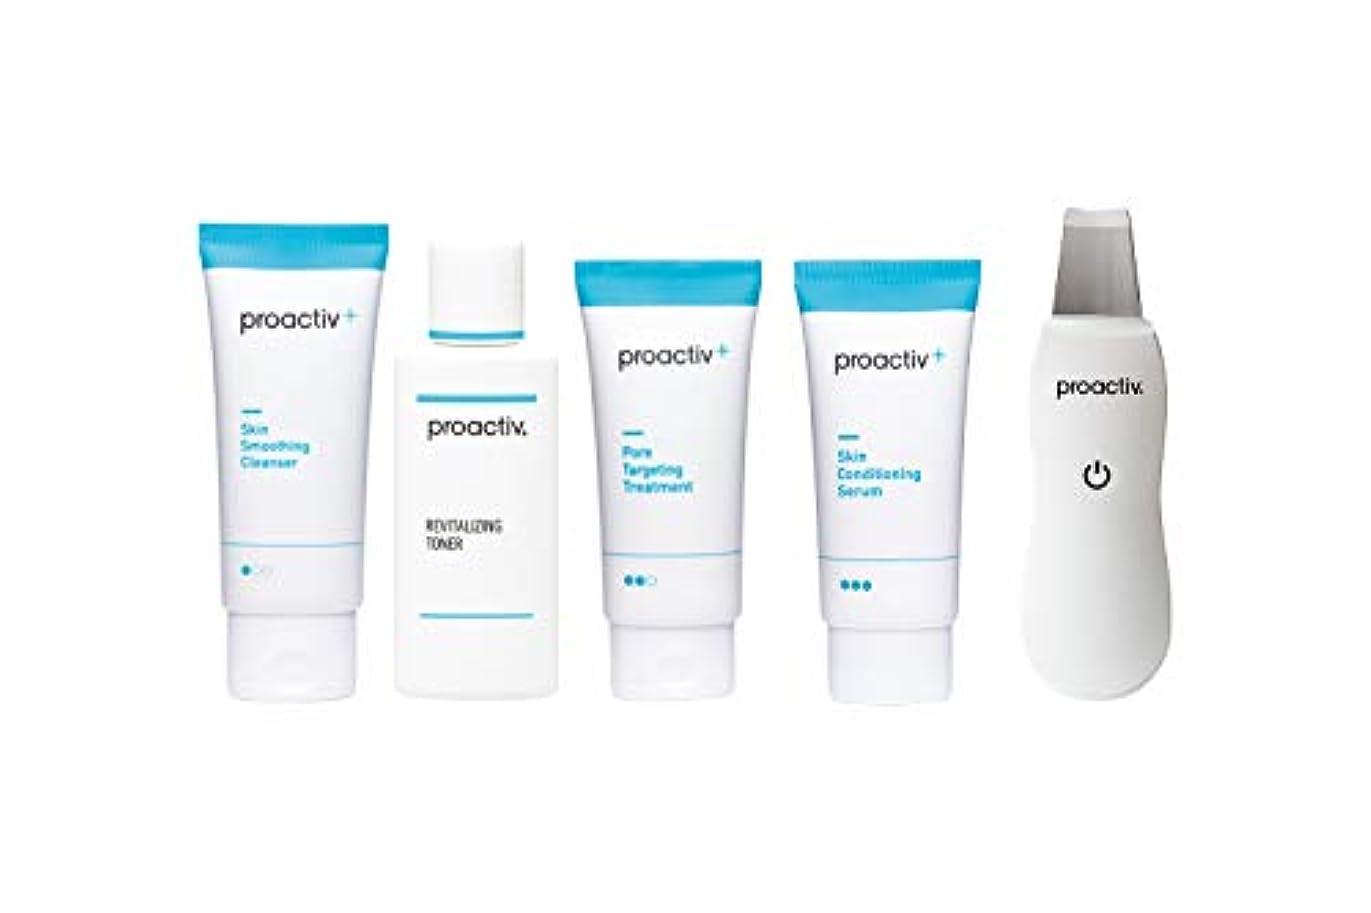 フローティングぺディカブ承認プロアクティブ+ Proactiv+ 薬用4ステップセット (30日セット) ウォーターピーリング プレゼント 公式ガイド付